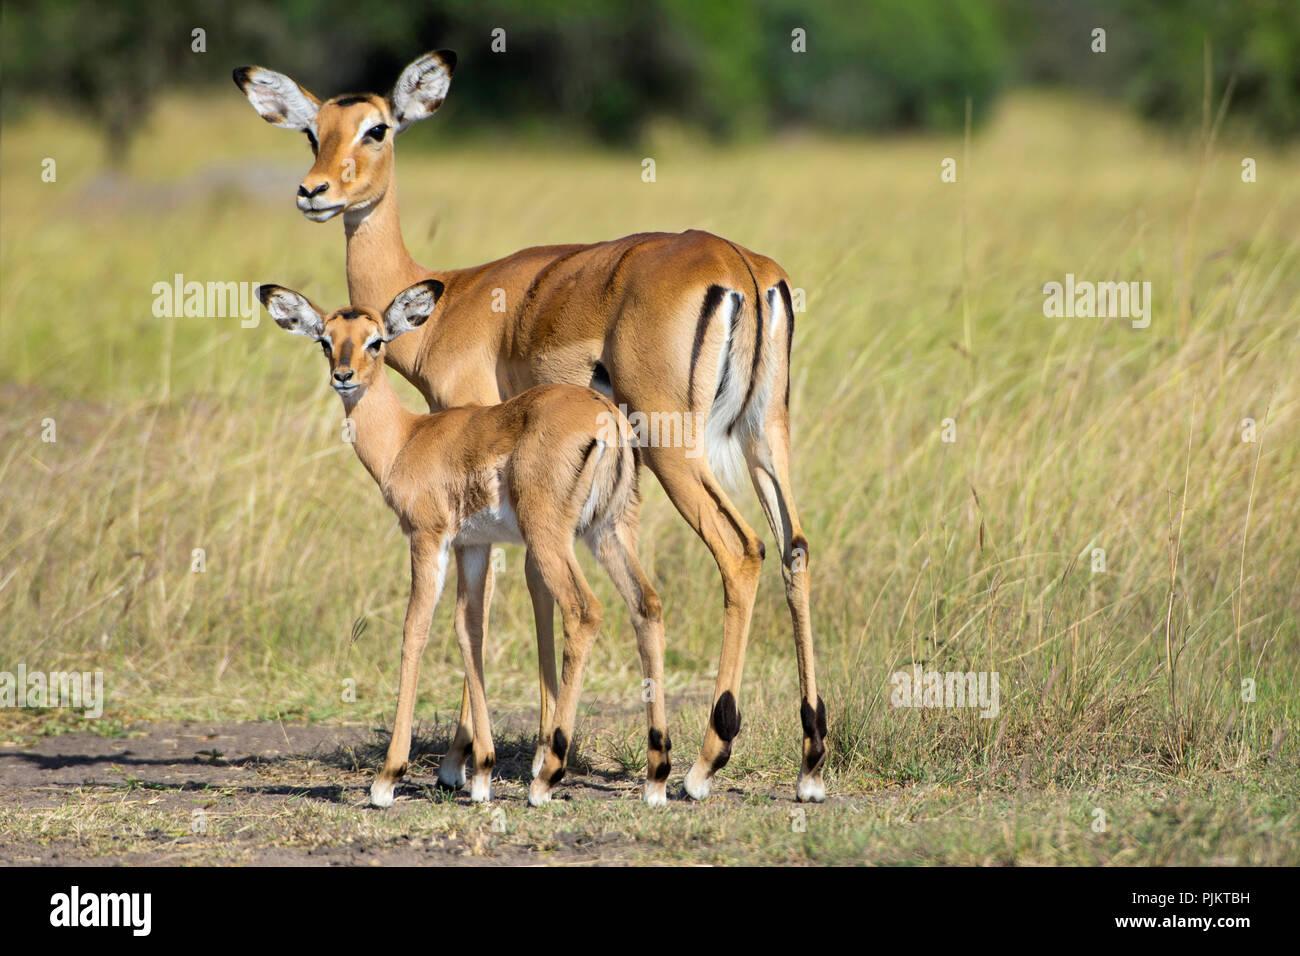 Impala, Impalas, Antelopes, Aepyceros Melampus, Ewe with Calf, Lake Mburo National Park, Uganda - Stock Image